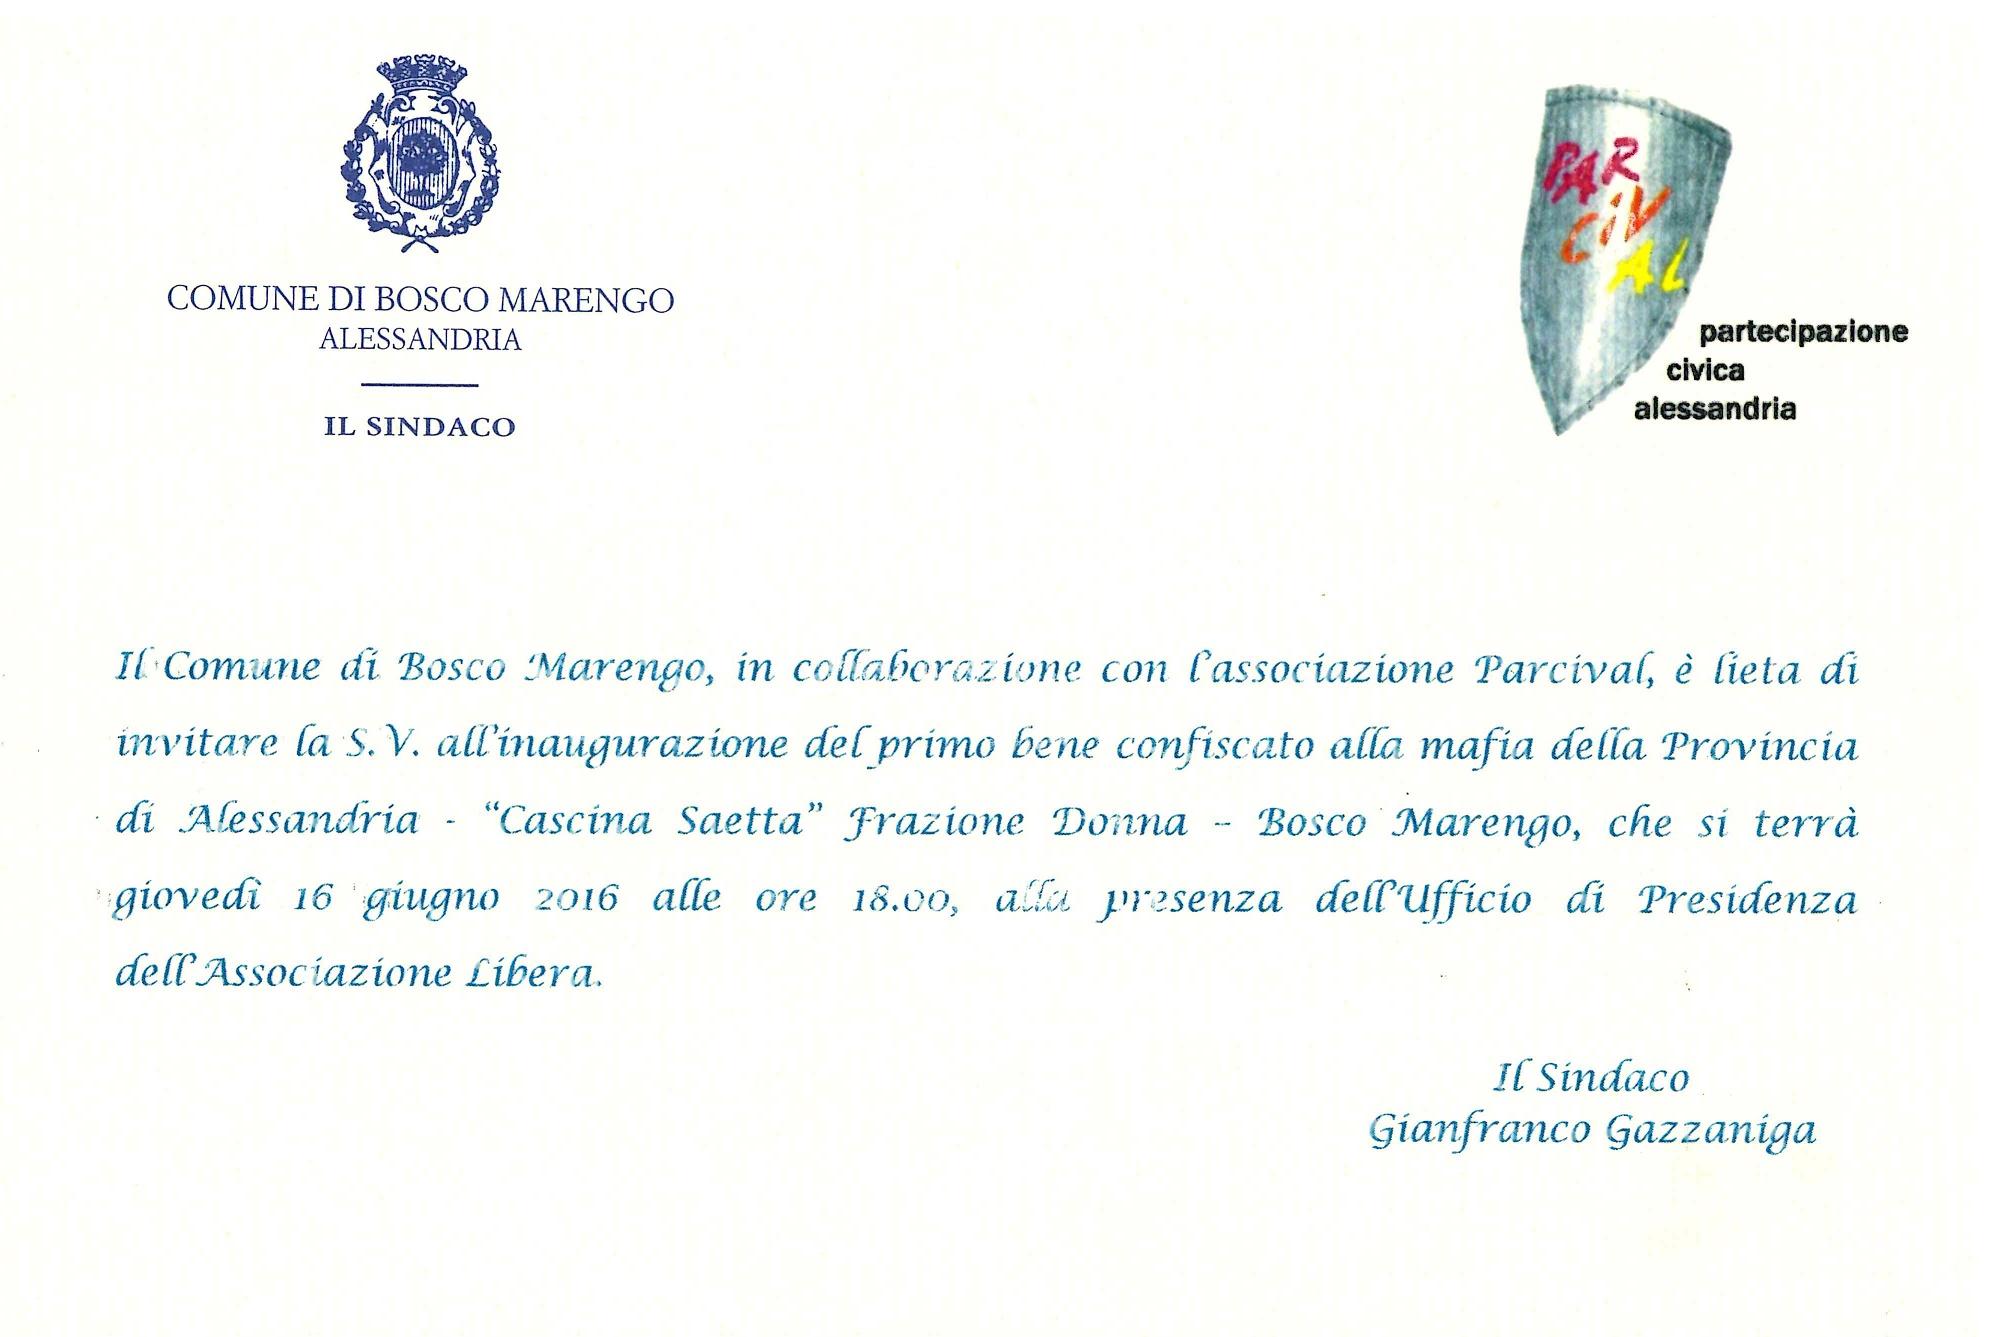 Invito Cascina Saetta